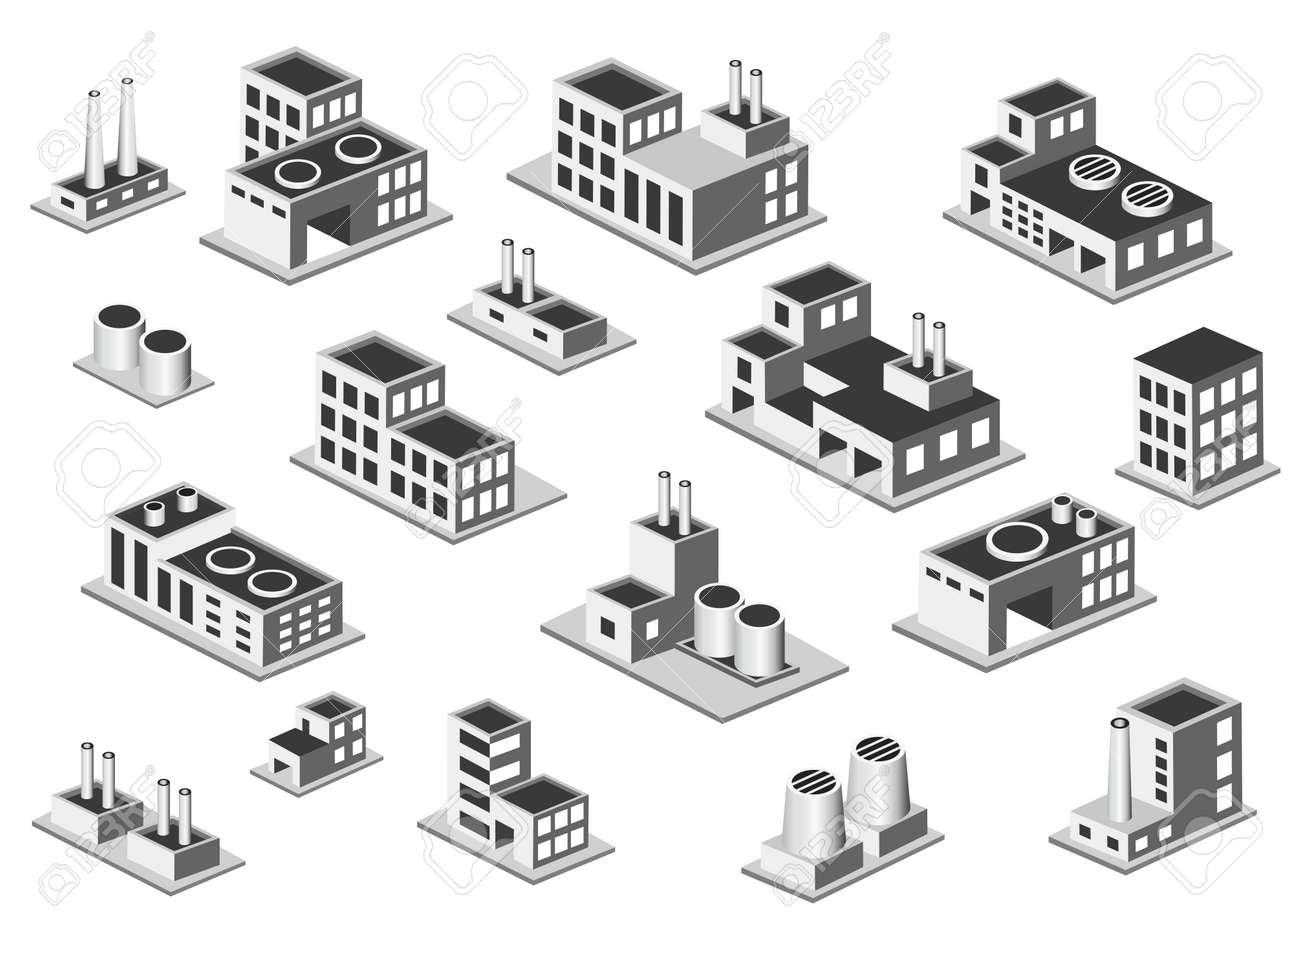 Vettoriali isometrico icon set di produzione corpi di fabbrica su sfondo bianco Archivio Fotografico - 17147910